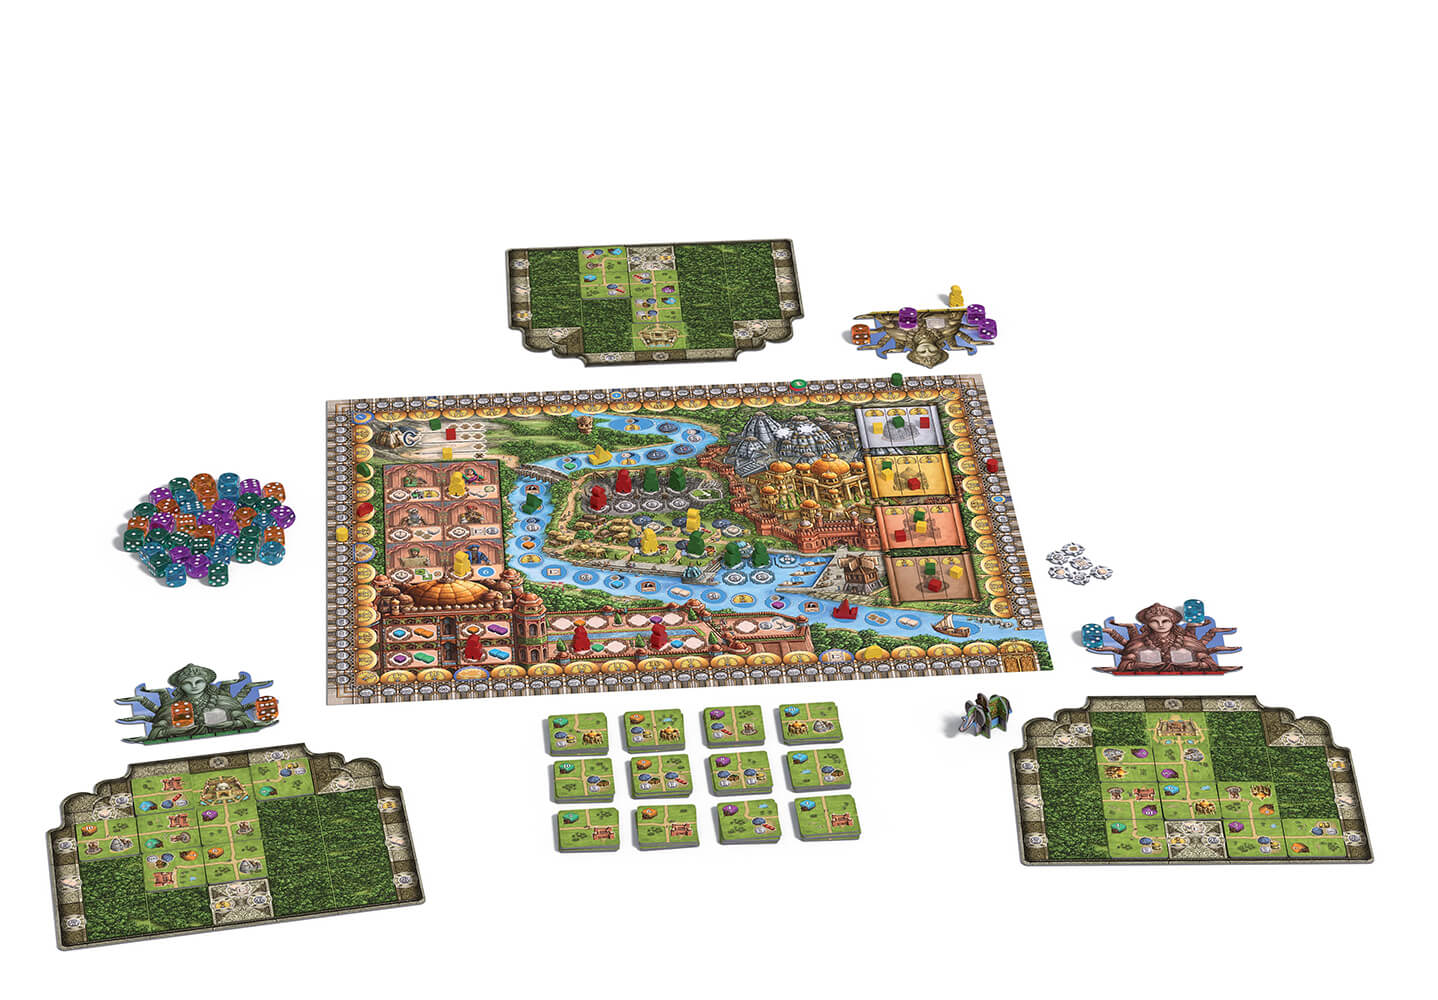 Spielmaterial - Spielbrett mit Würfel und Plättchen- Rajas of the Ganges